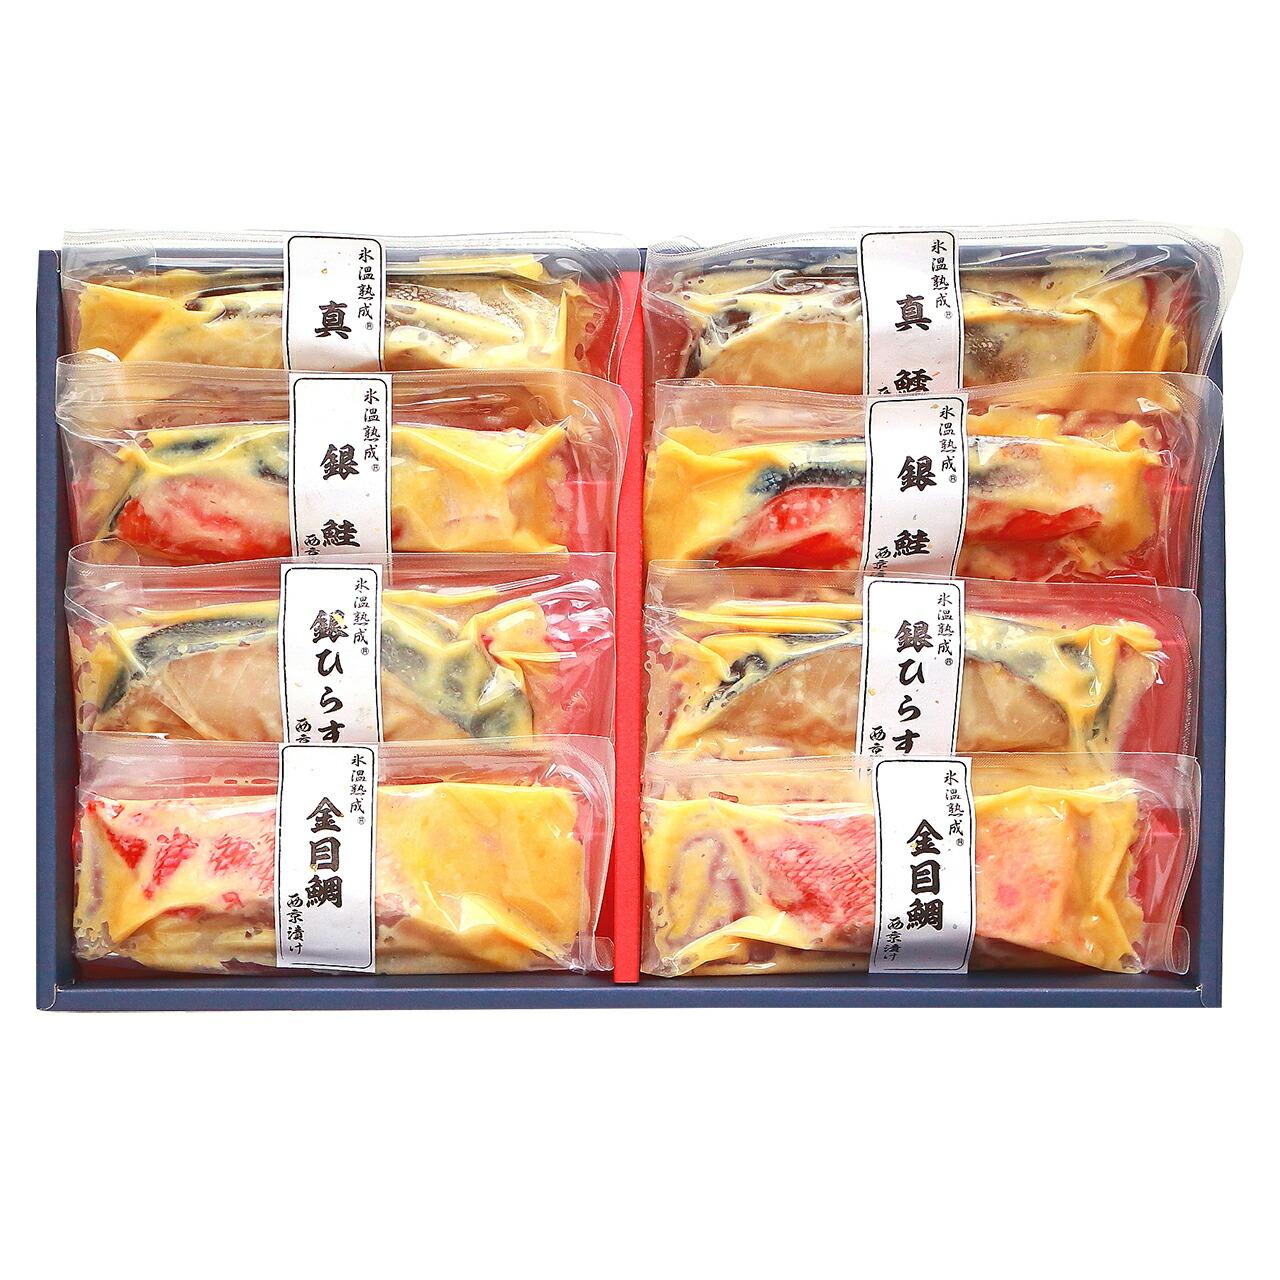 【敬老の日限定包装】氷温熟成 西京漬けギフトセット 8切